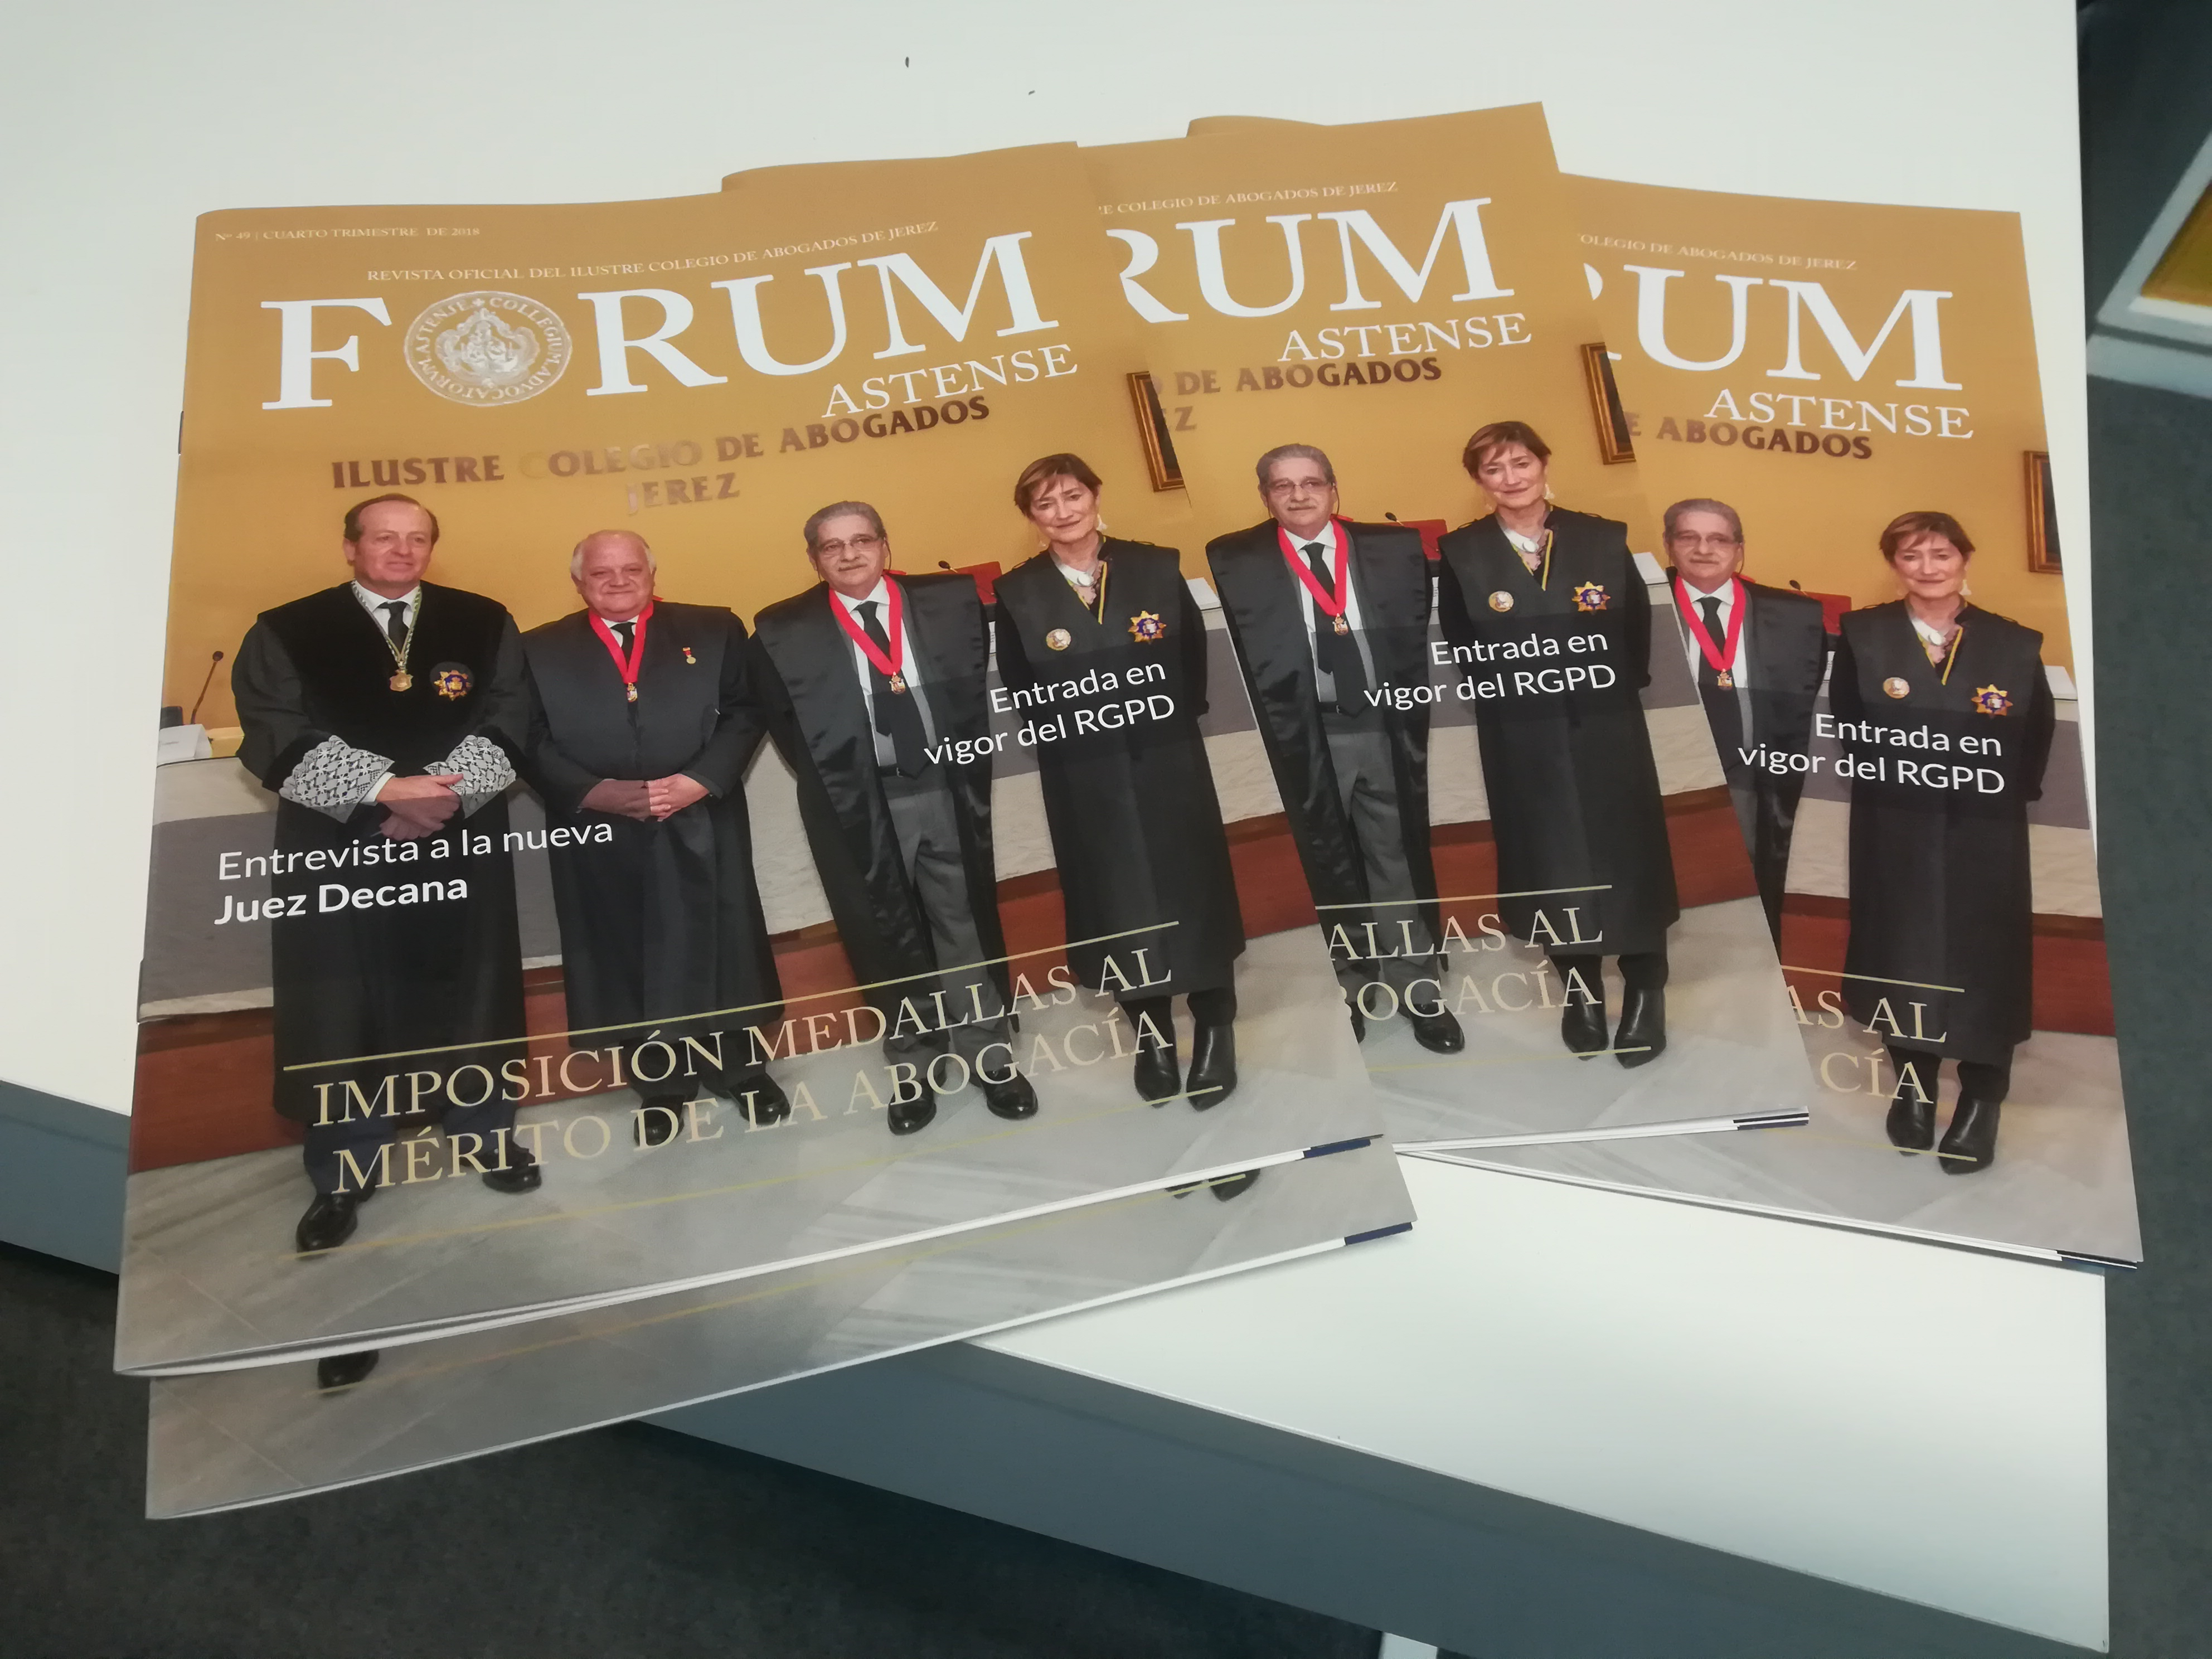 Diseño De La Revista Nº 49 Forum Astense. Ilustre Colegio De Abogados De Jerez.